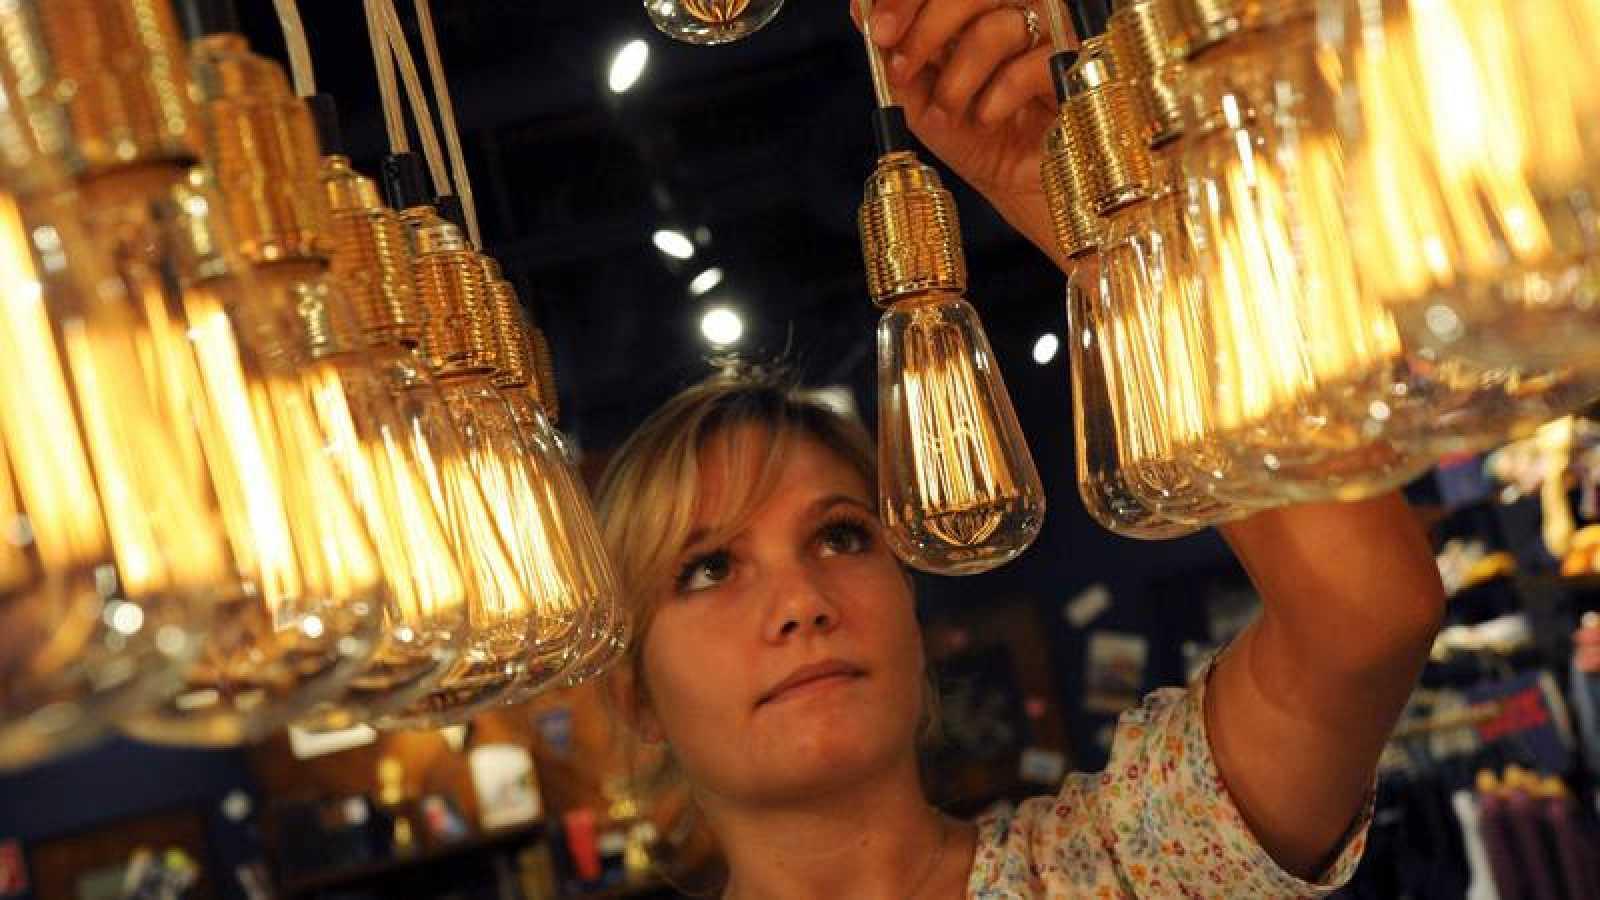 Las lámparas de filamento han sido desterradas por el uso de 'leds' de bajo consumo